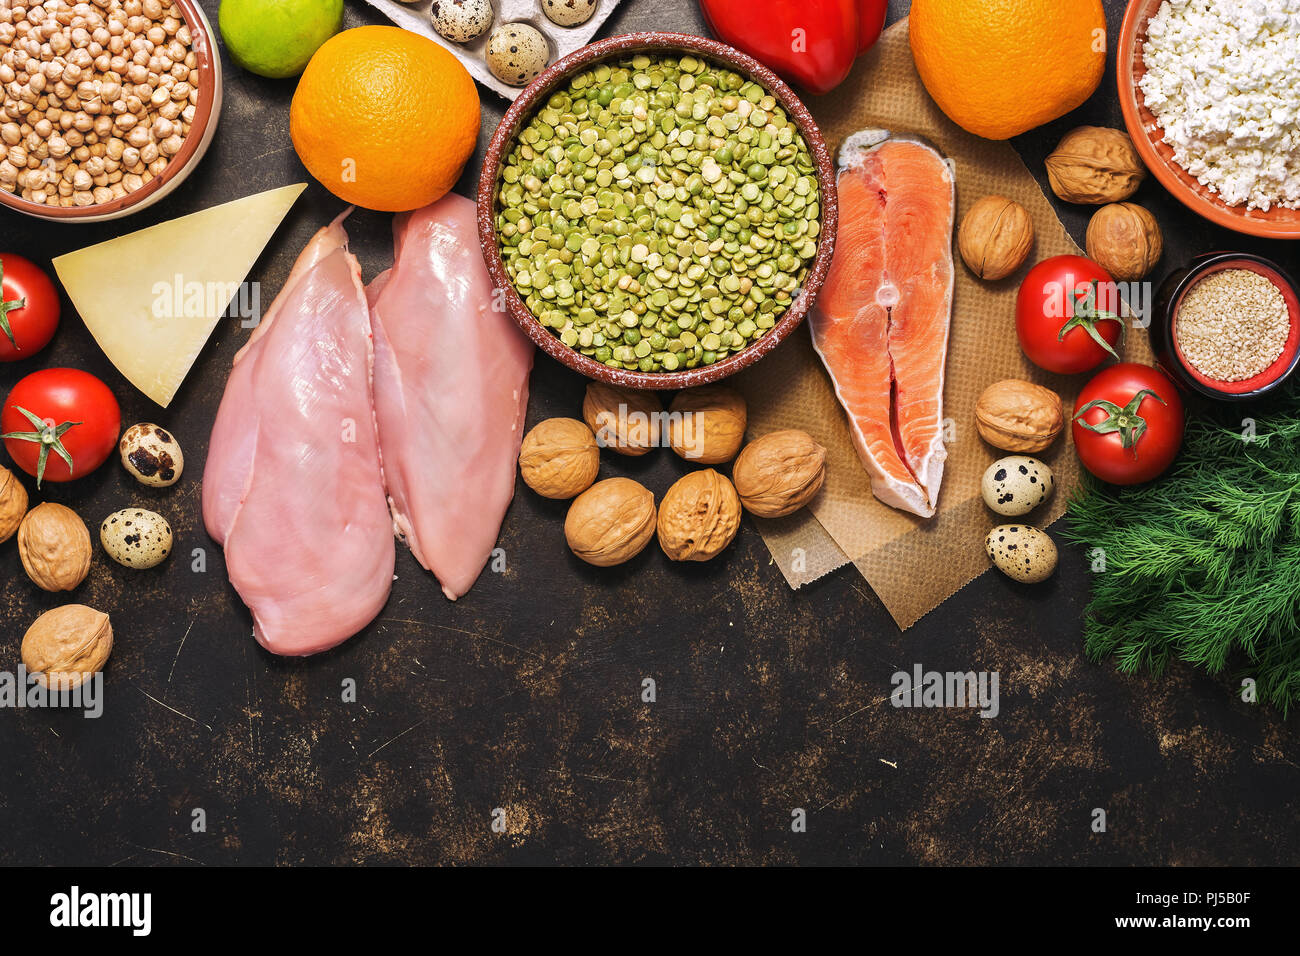 Surtido de alimentos saludables sobre un fondo oscuro. Verduras, frutas, pescado, pollo, productos lácteos, huevos, nueces. Vista superior, espacio para el texto. Sentar plana Imagen De Stock